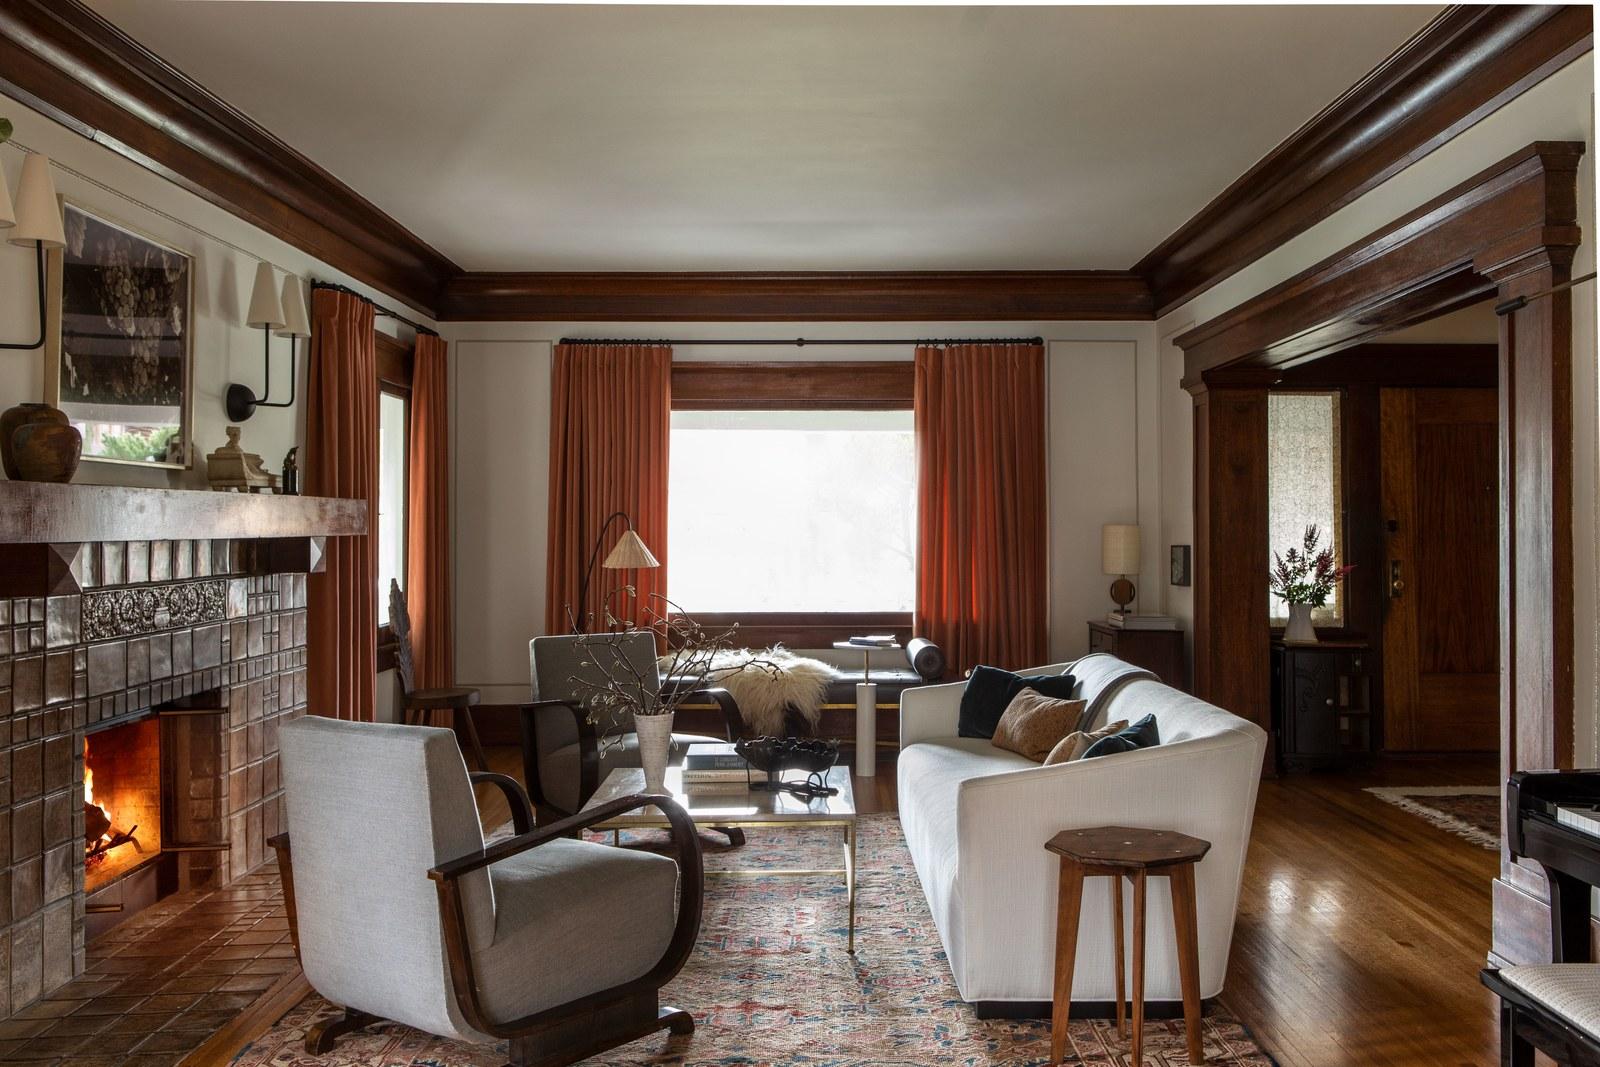 style moderne dans un salon d'artisan | visite de maison d'artisan historique moderne jacey duprie